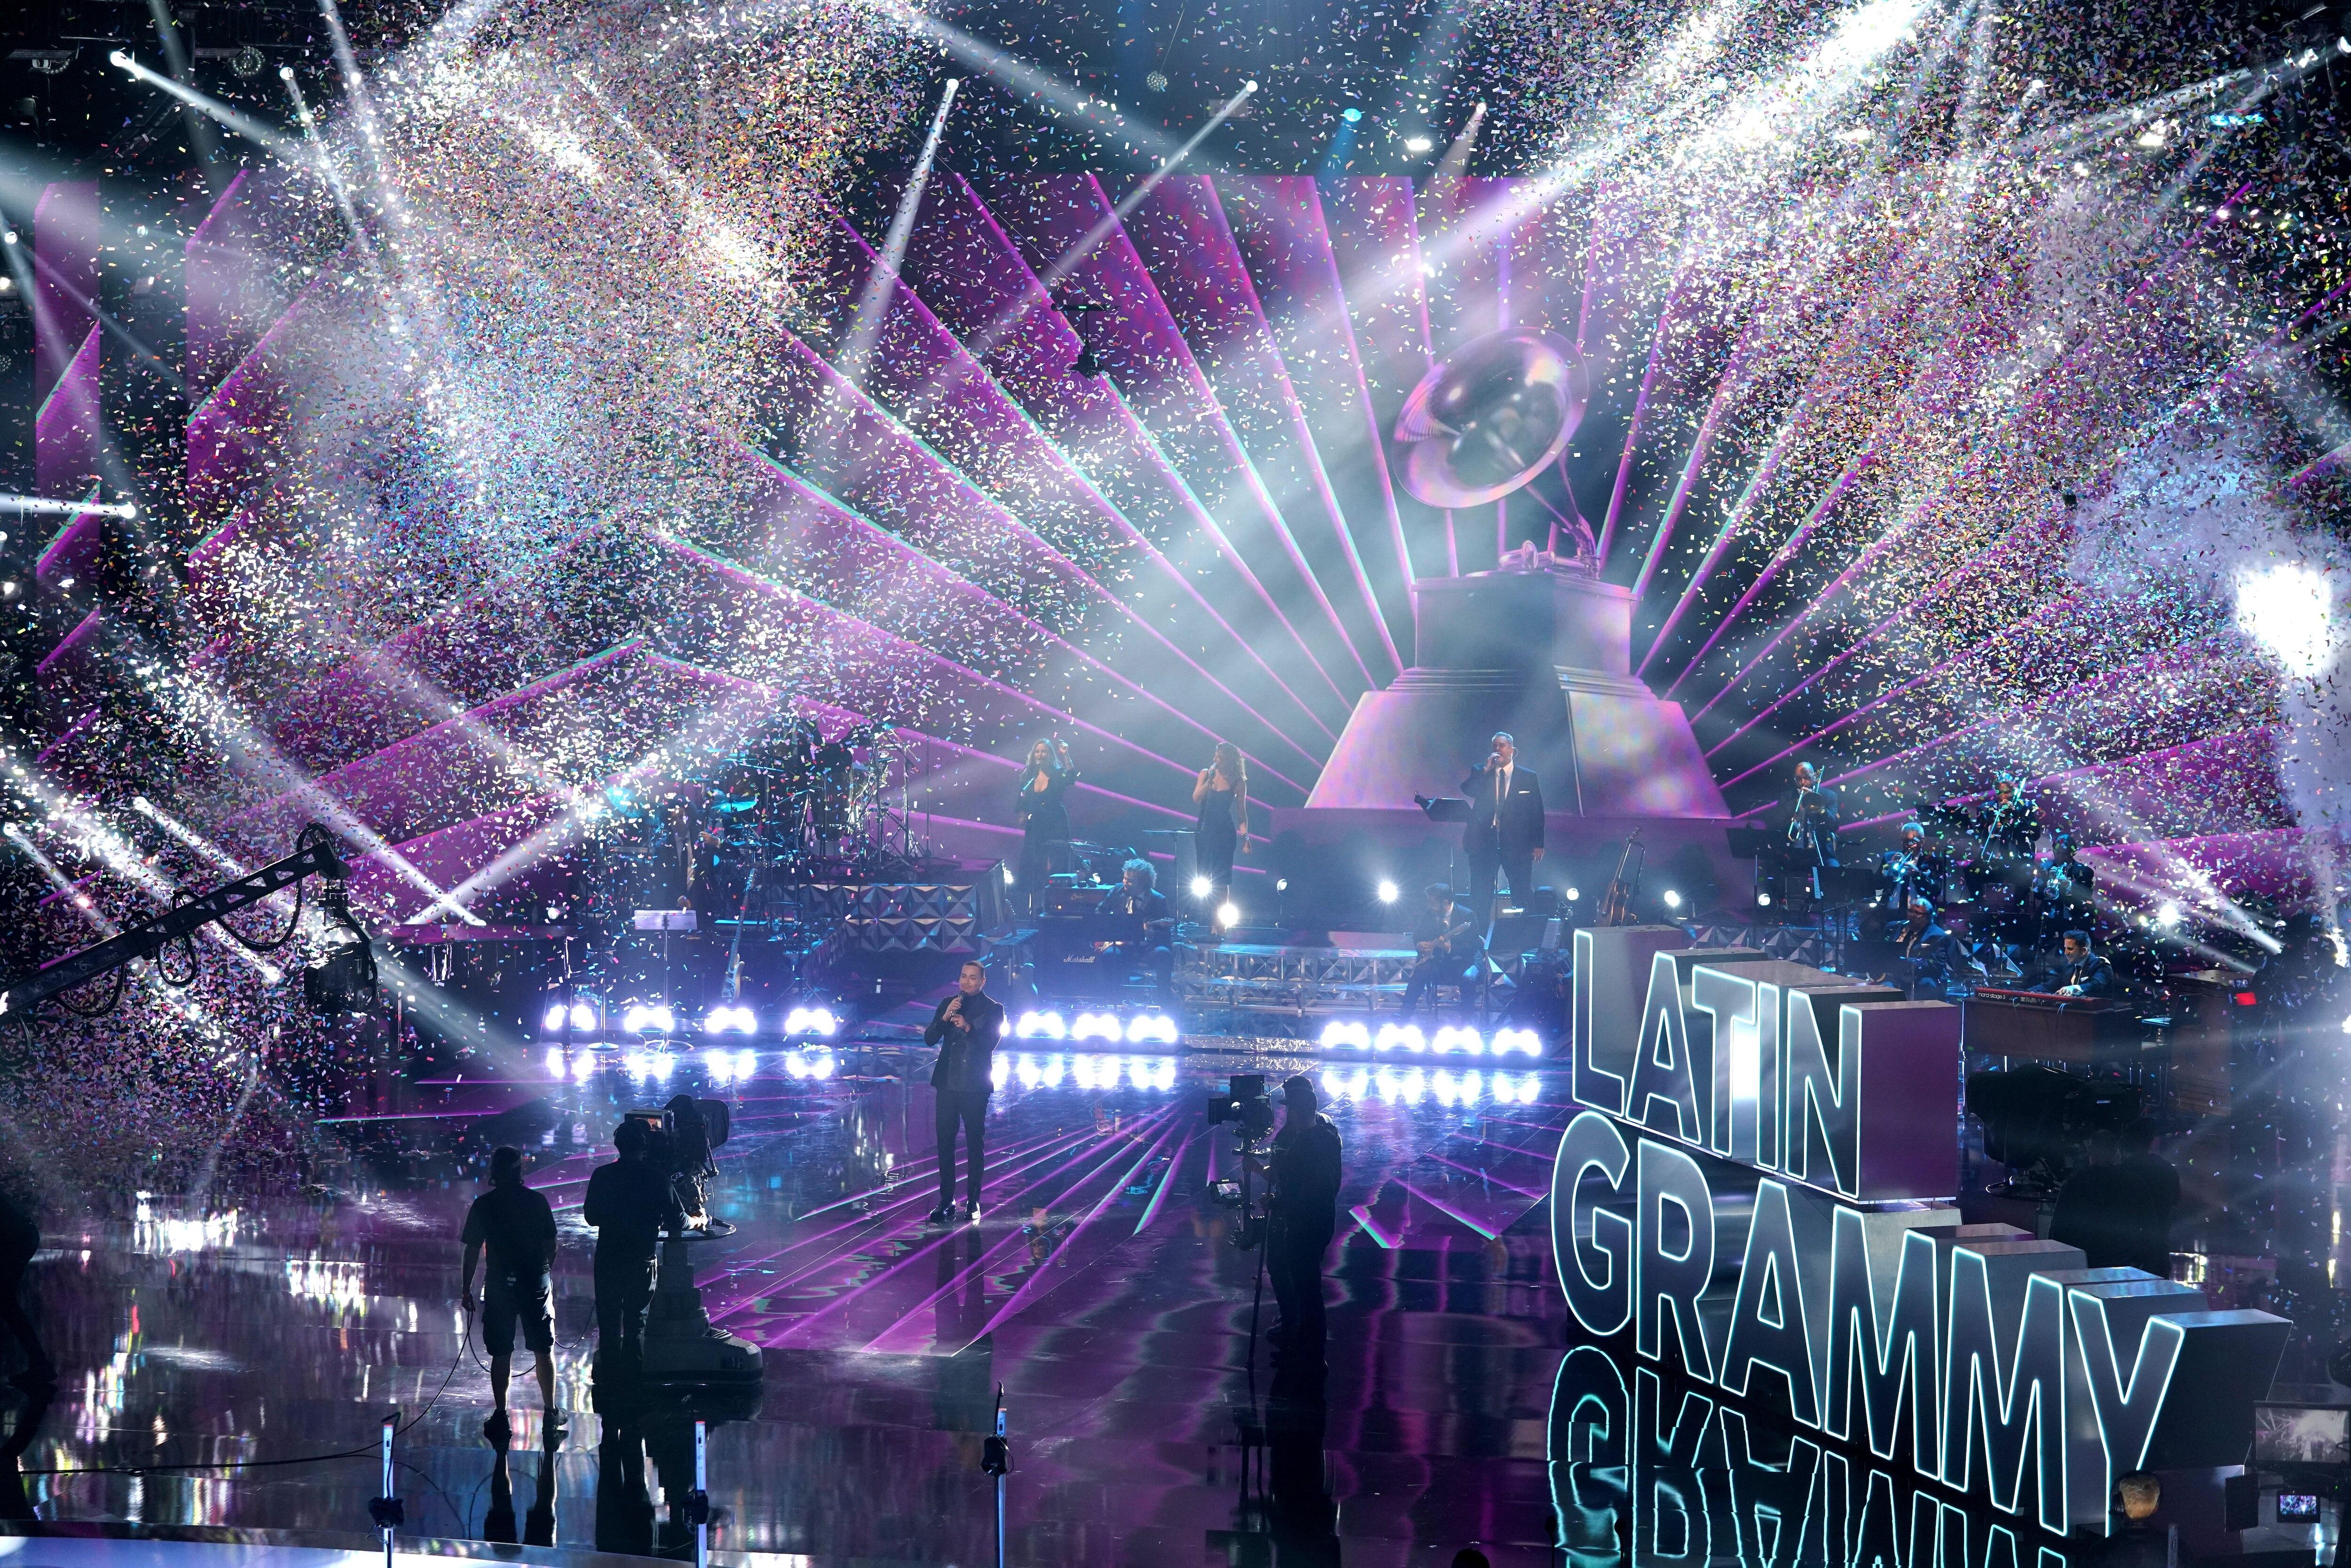 Latin Grammy 2020: Natalia Lafourcade, Carlos Vives y Rosalía le ganaron al reggaetón